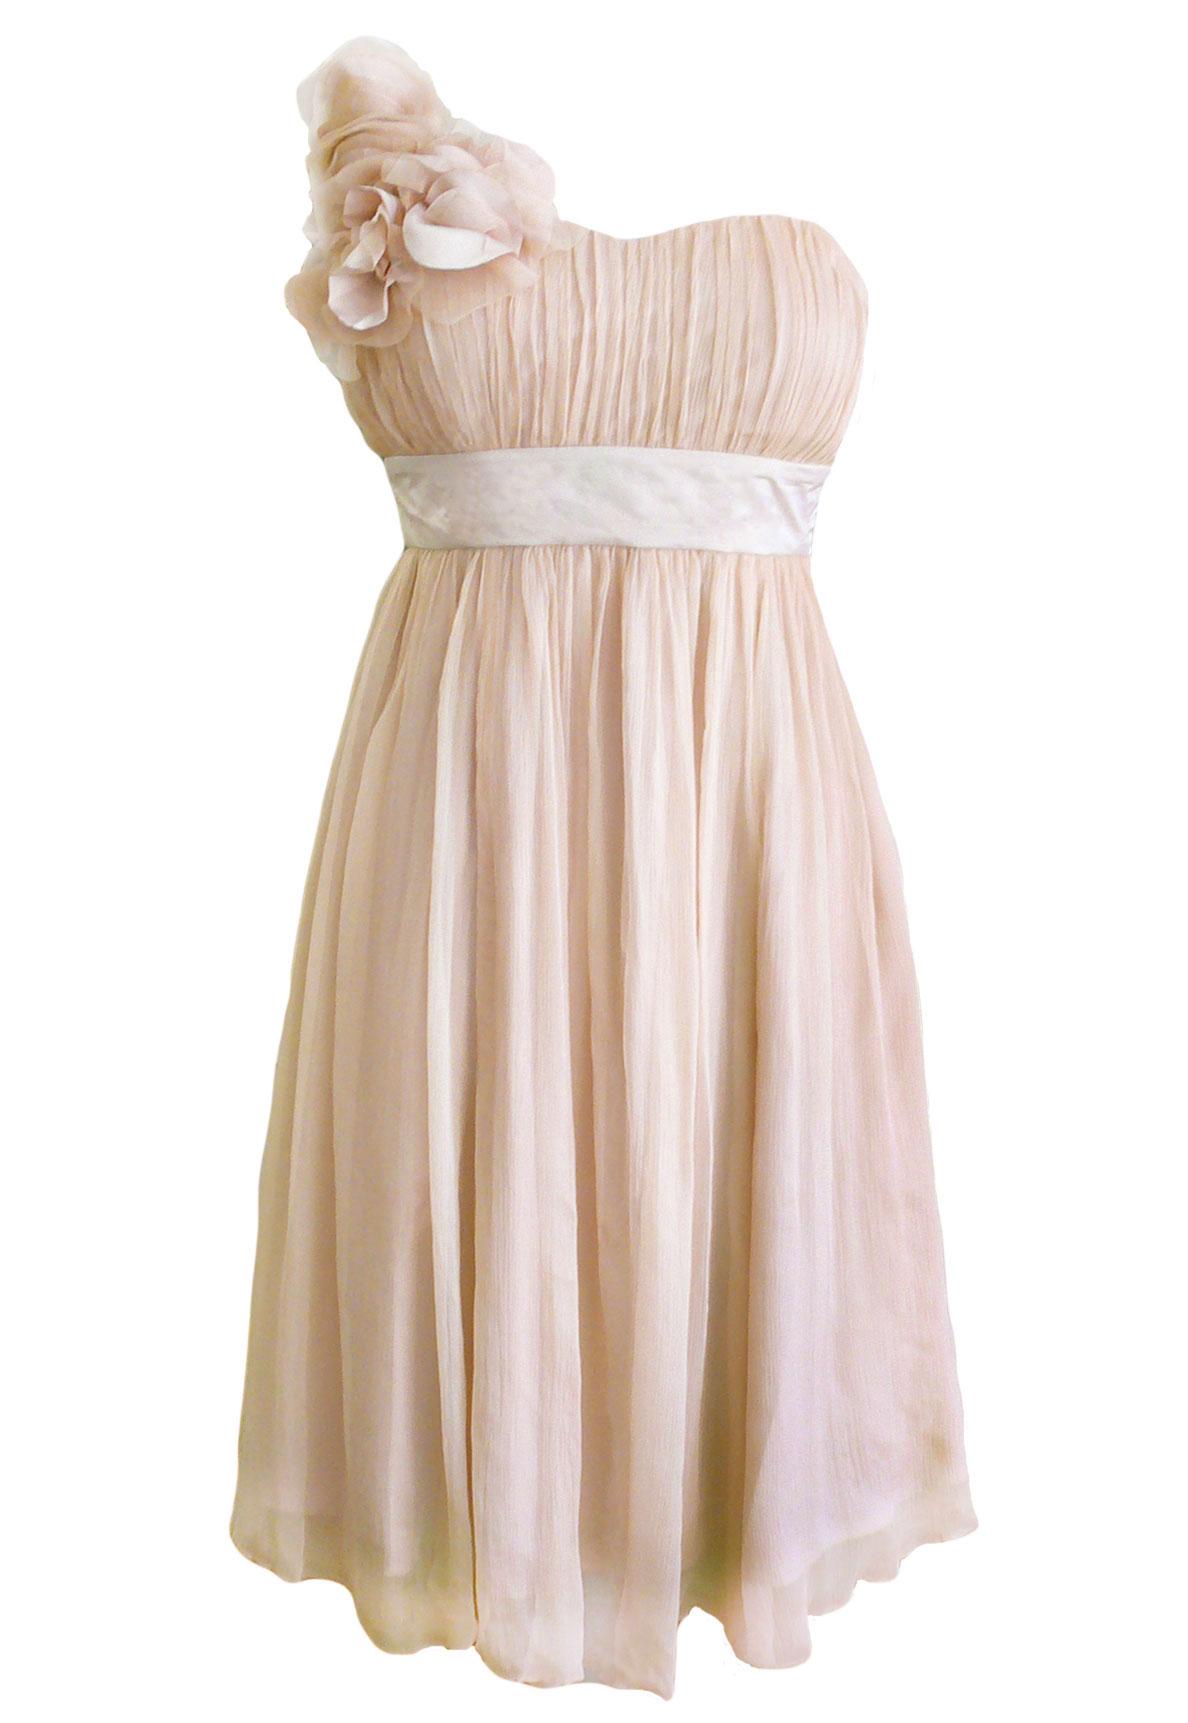 Hübsches Cocktail-Kleid, nude, Gr. 38 kaufen auf Ricardo